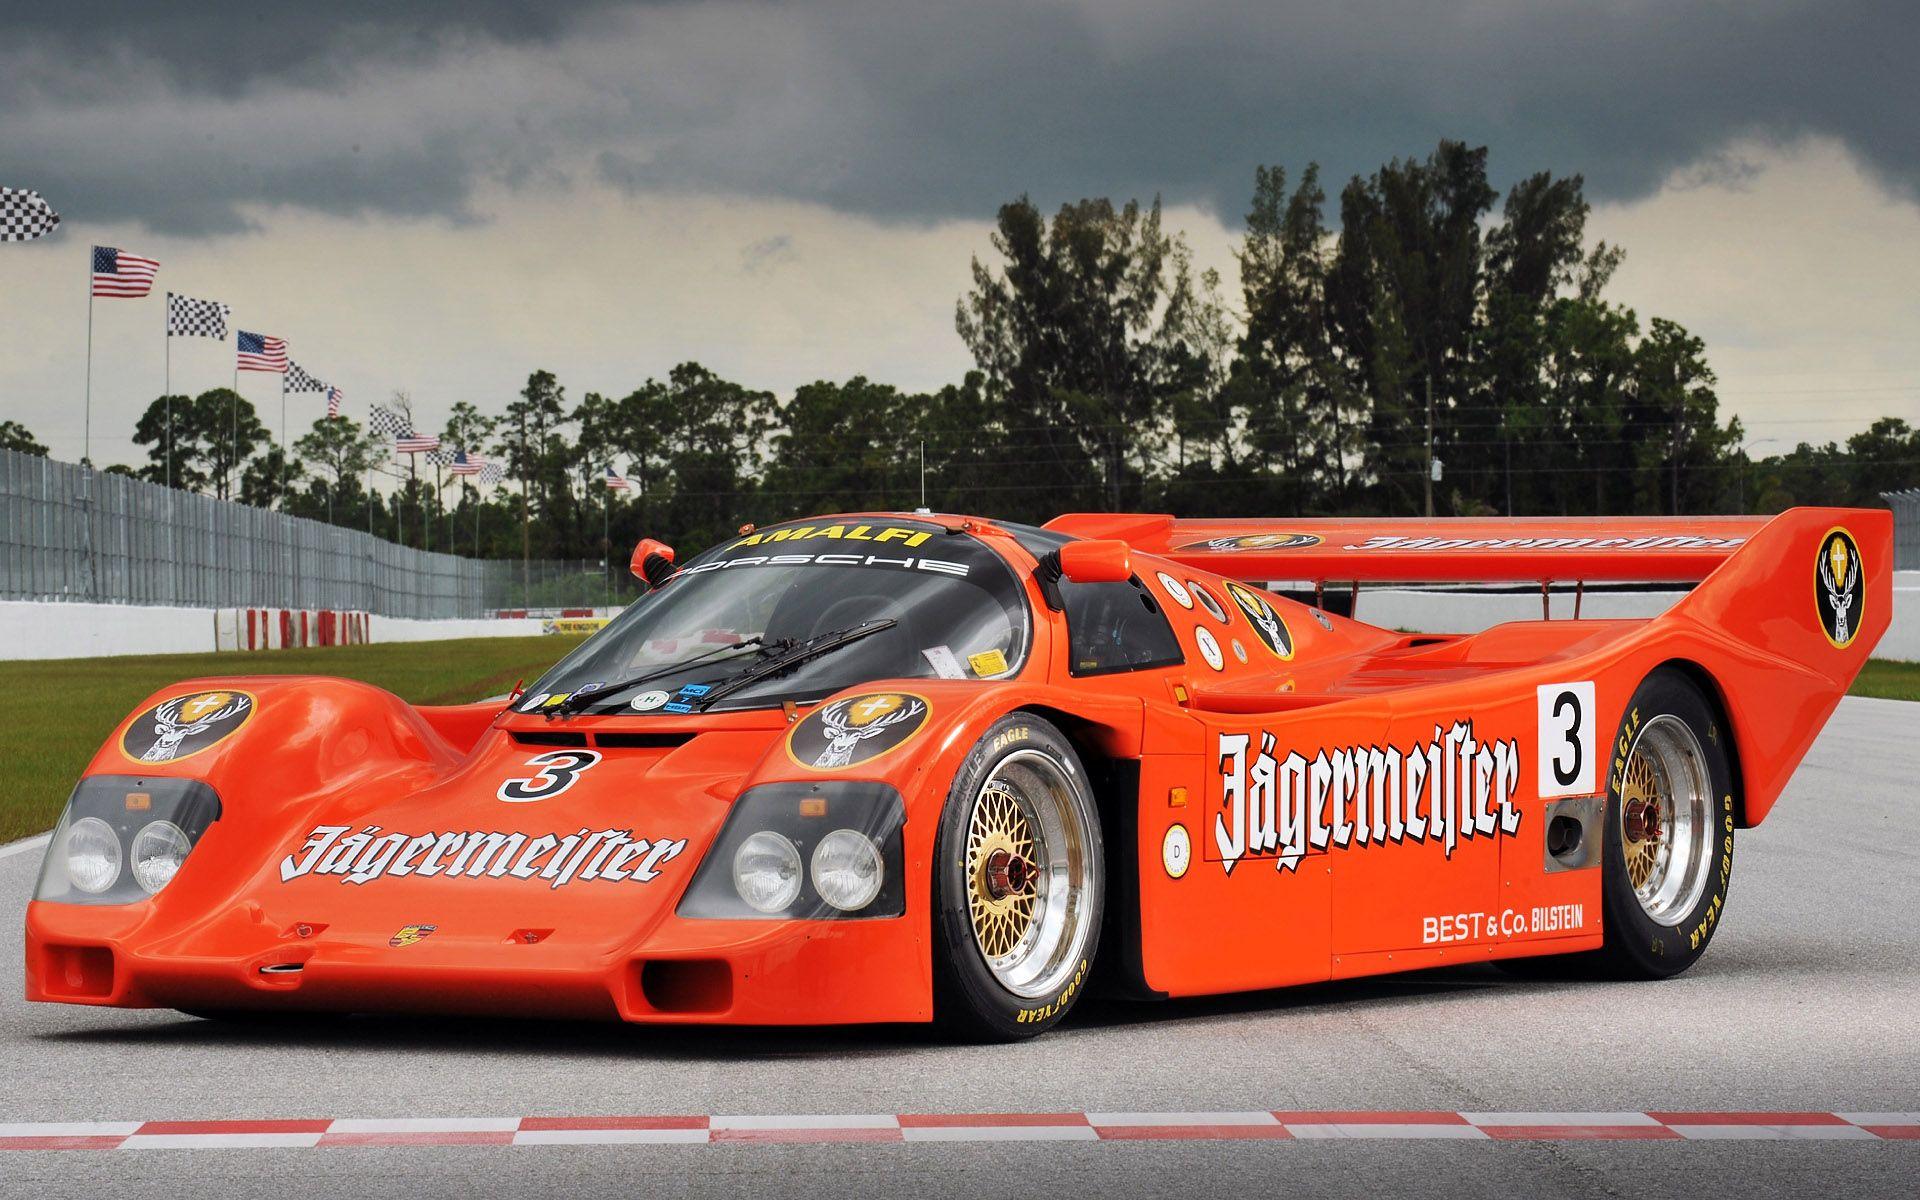 abfbe80455271581d4f373b0a230551d Cozy Prix D'une Porsche 911 Gt1 Cars Trend